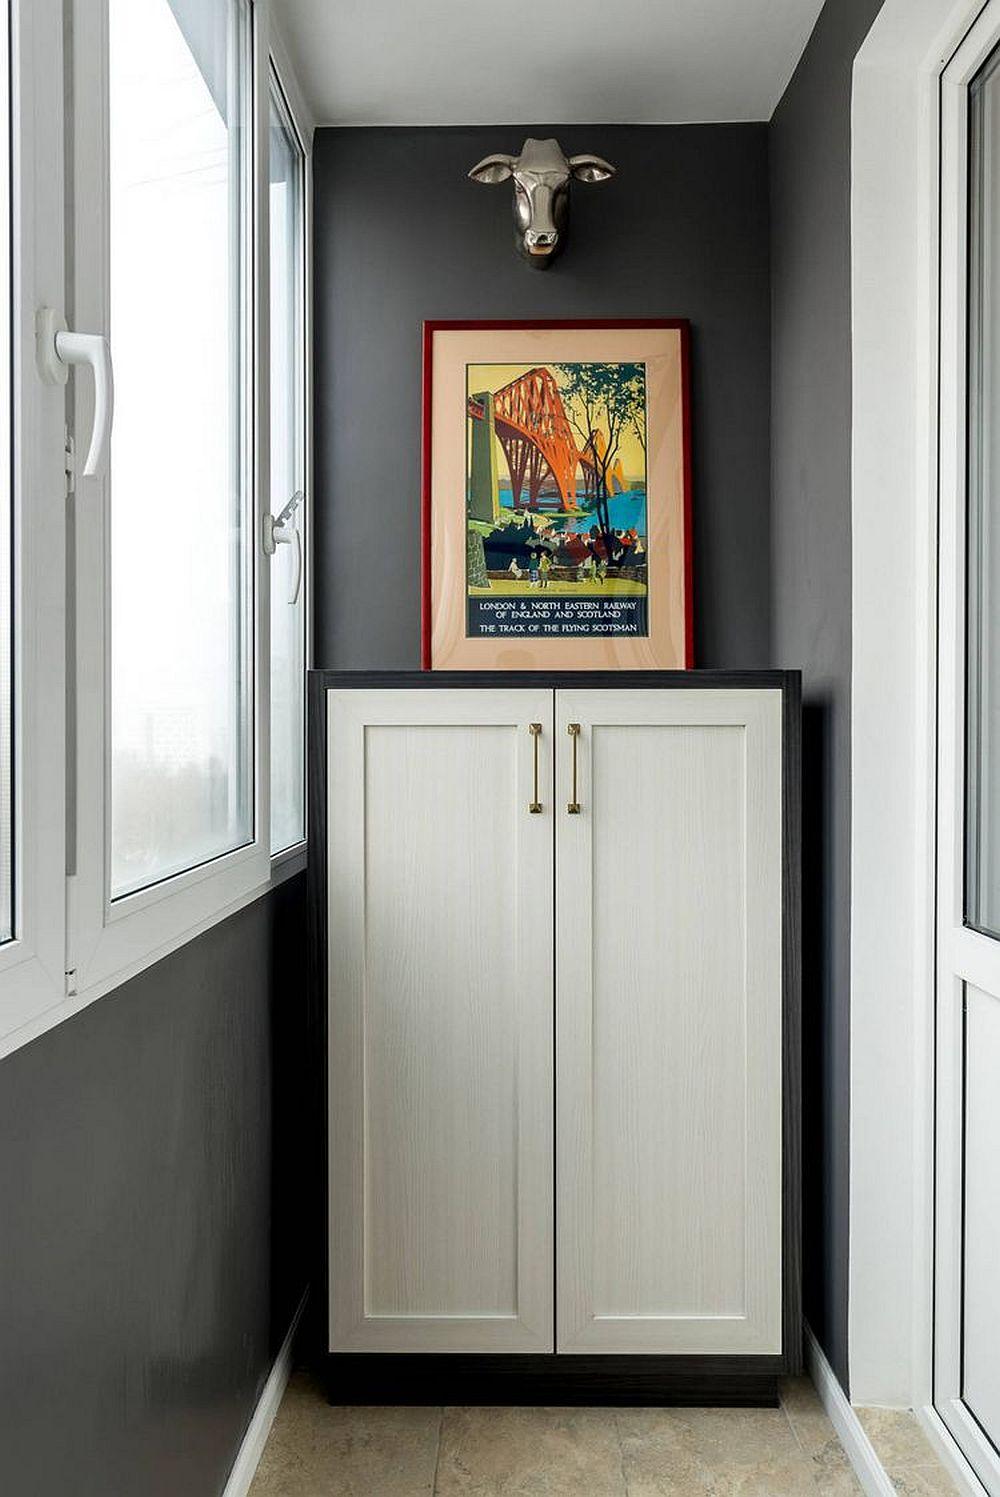 adelaparvu.com despre apartament 2 camere 49 mp, designer Natalia Shirokorad, Foto Vasily Bulanov (19)